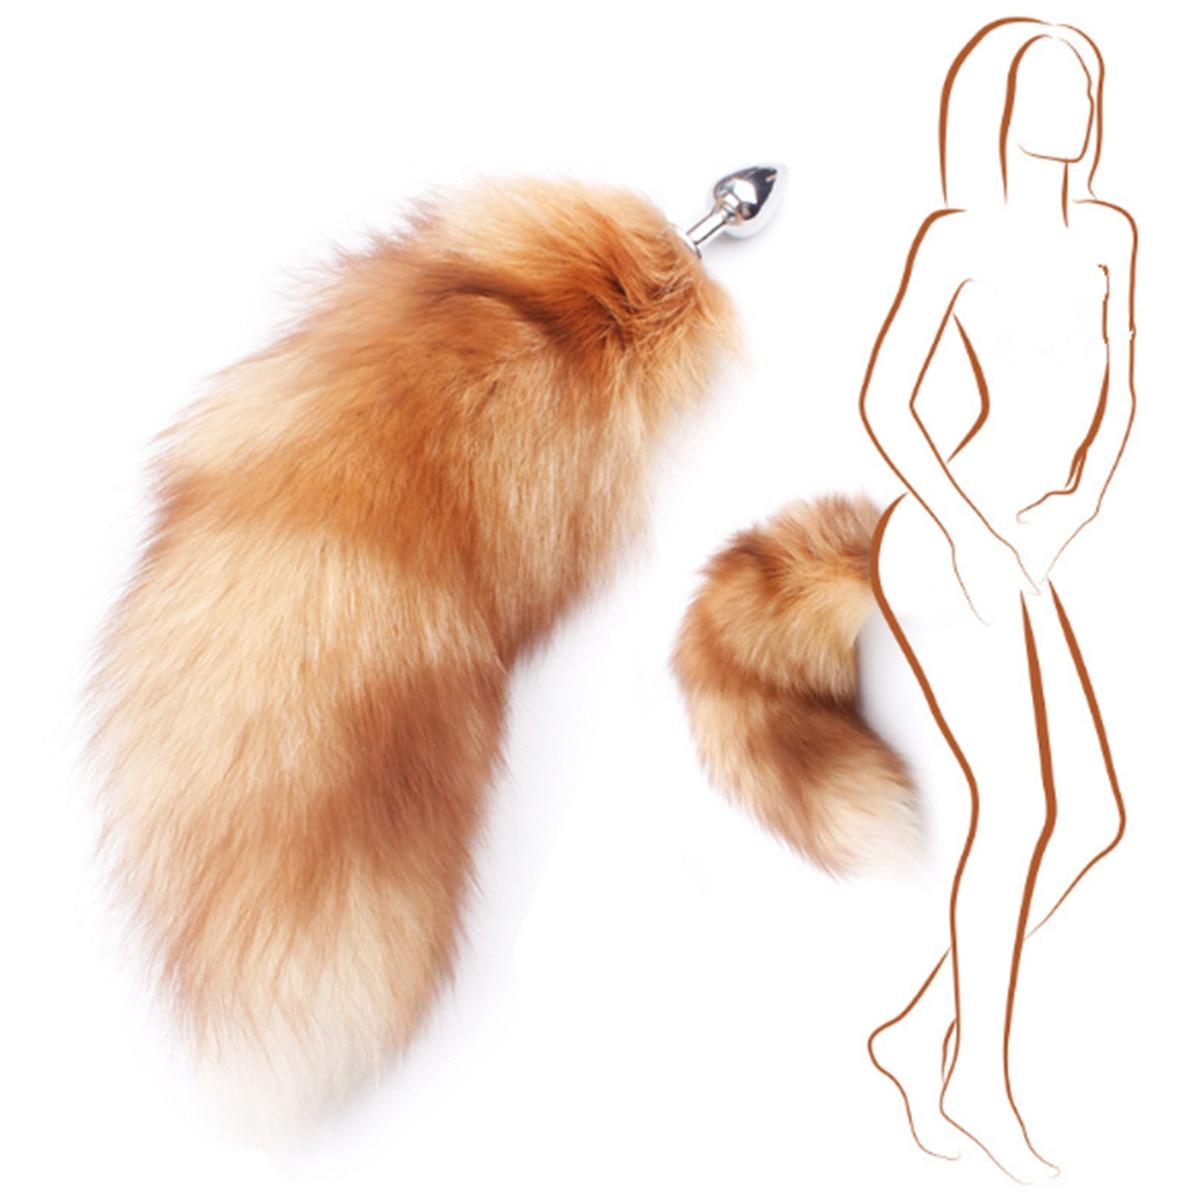 2019 nova grande real golden fox tail novetly unisex cosplay traje adereços casais vida flertando cauda anal plug pingente chaveiro